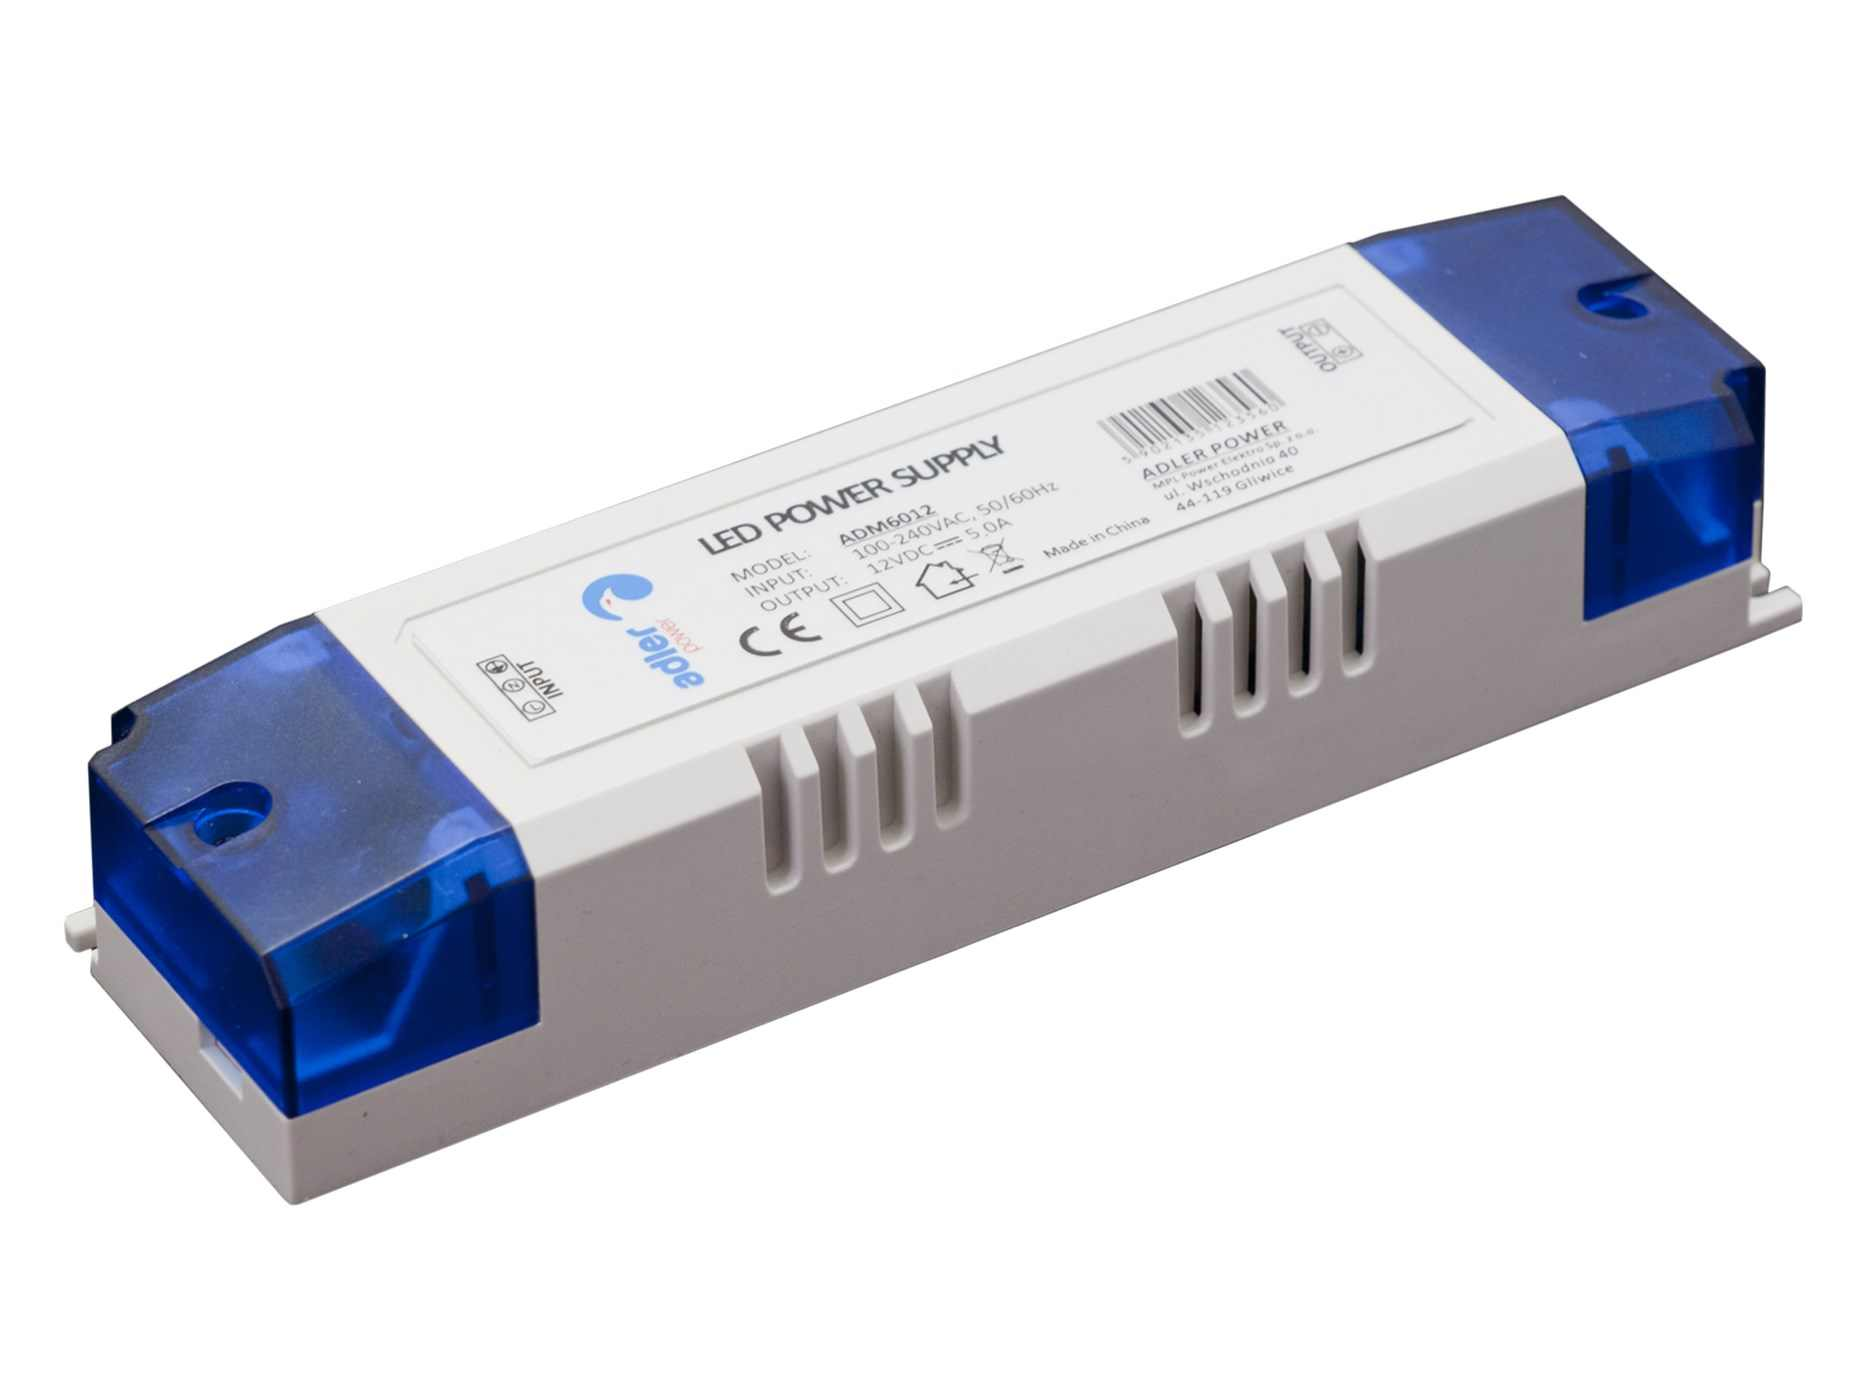 Vnitřní LED zdroj - 60W, 5A, 12V, IP20, PLASTIC kryt - (ADM6012) - Greenlux (GXLD103)